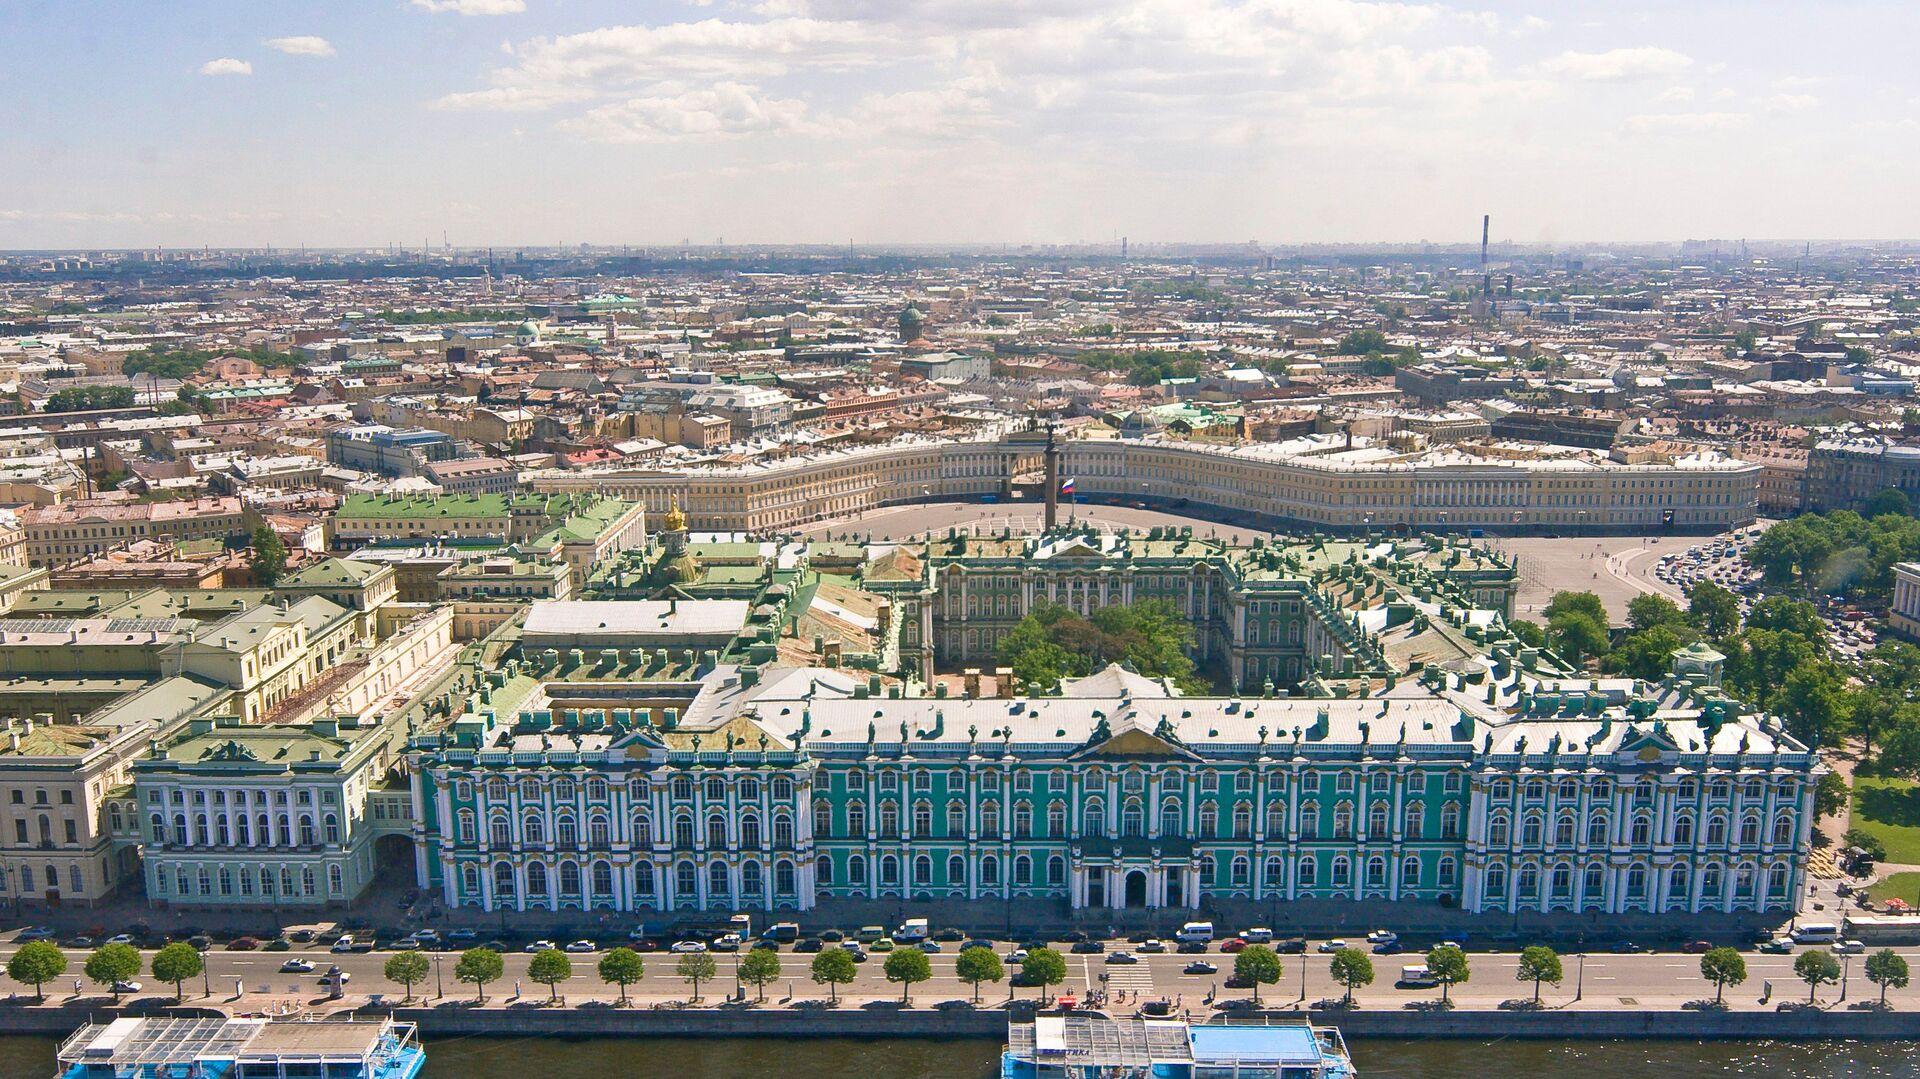 Вид на Зимний дворец и Дворцовую площадь - РИА Новости, 1920, 03.11.2020